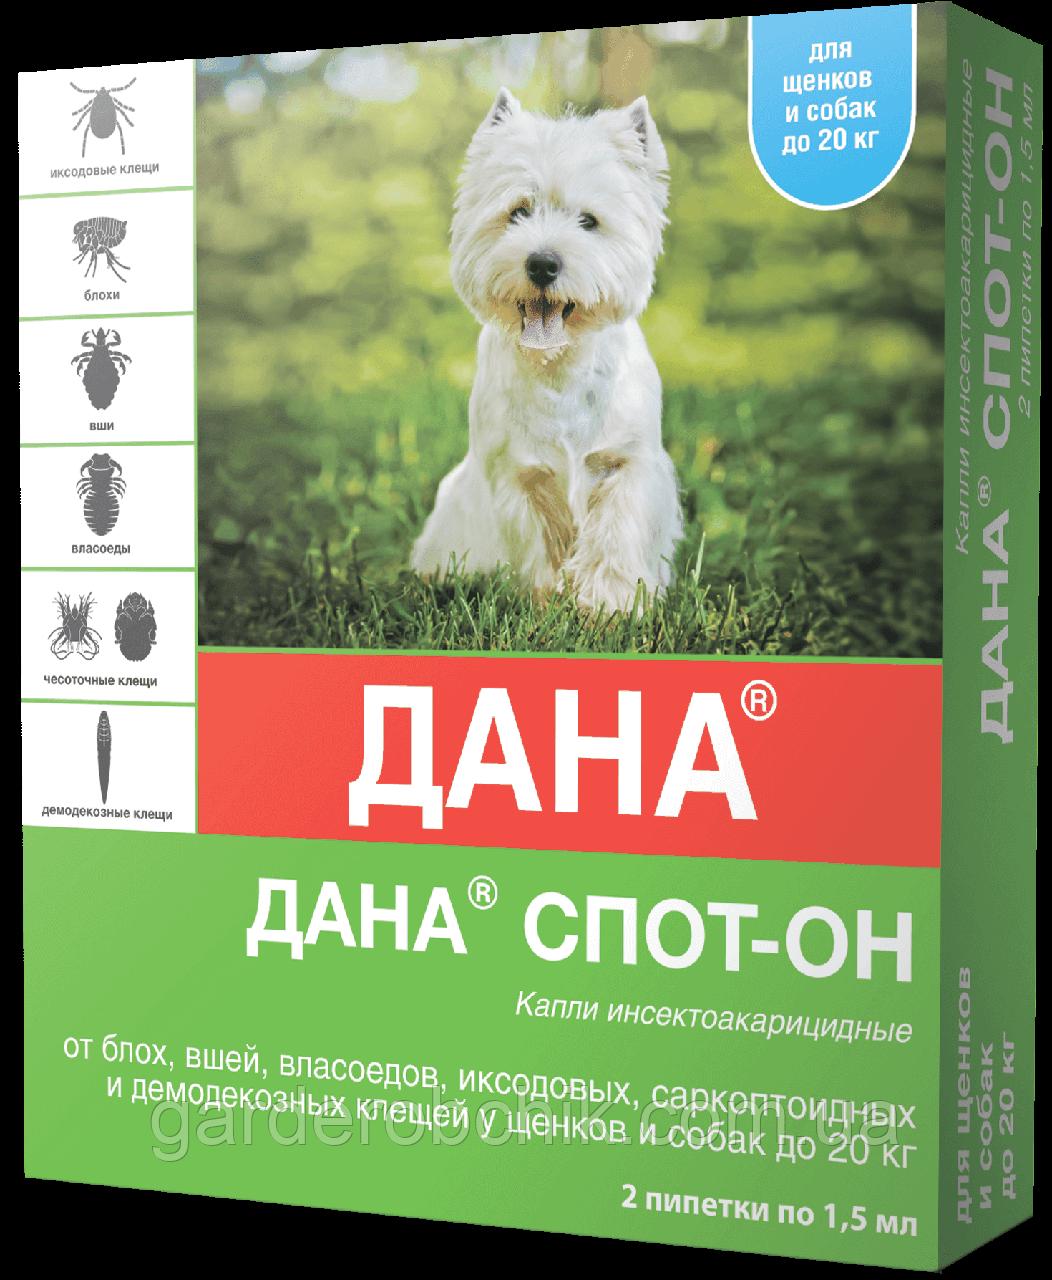 Антипаразитарные капли ДАНА Спот он.  Капли для собак и щенков от 10 кг